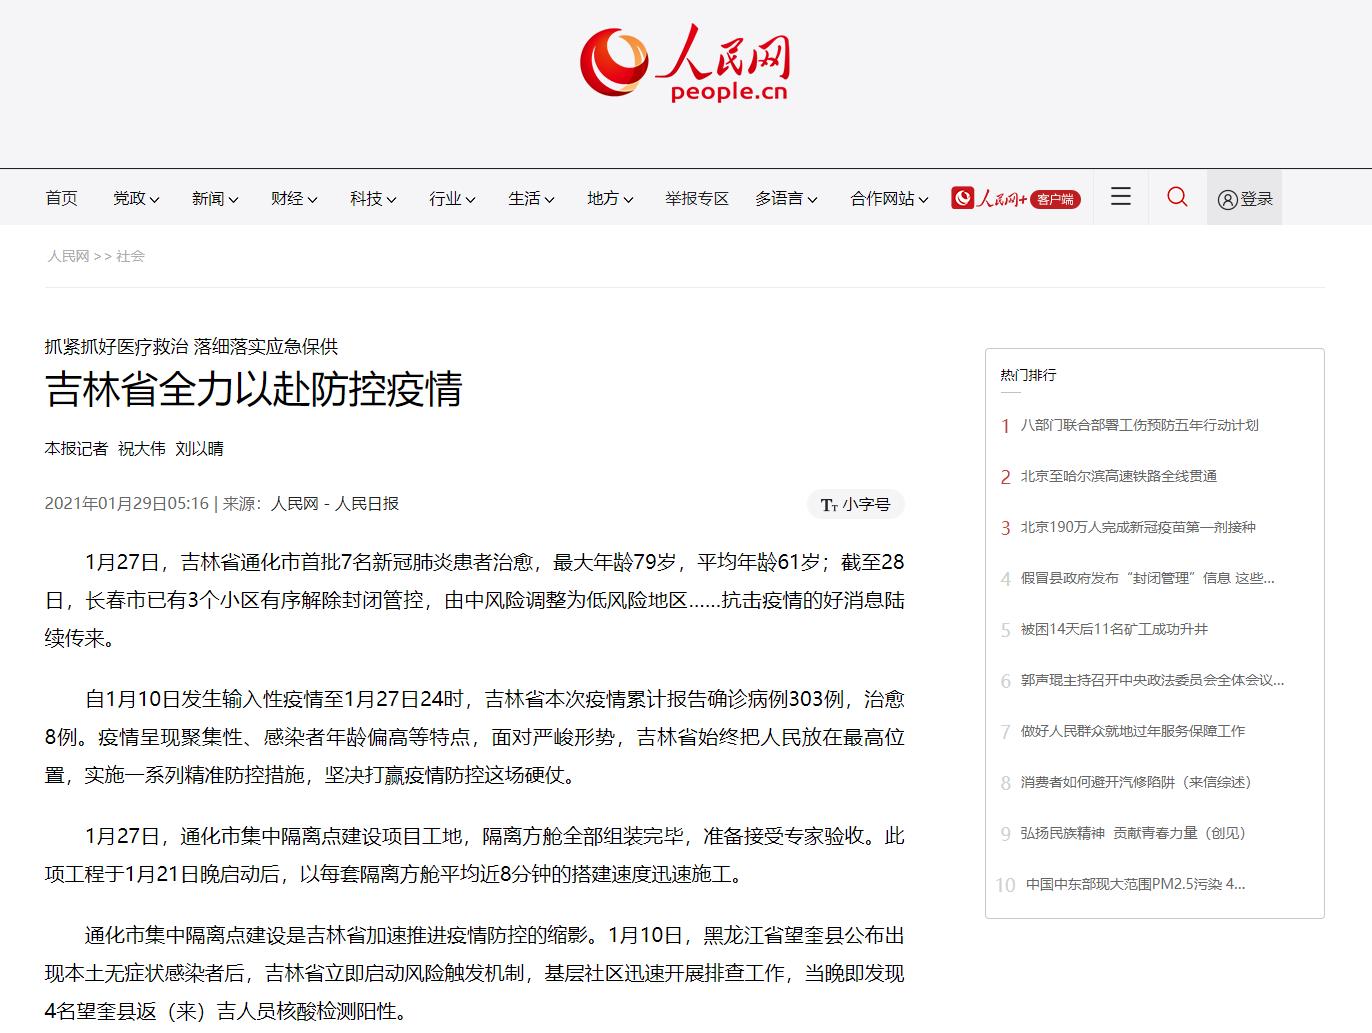 吉林省疫情期间,美国绿卡如何办理中国出生公证书?,中国公证处海外服务中心